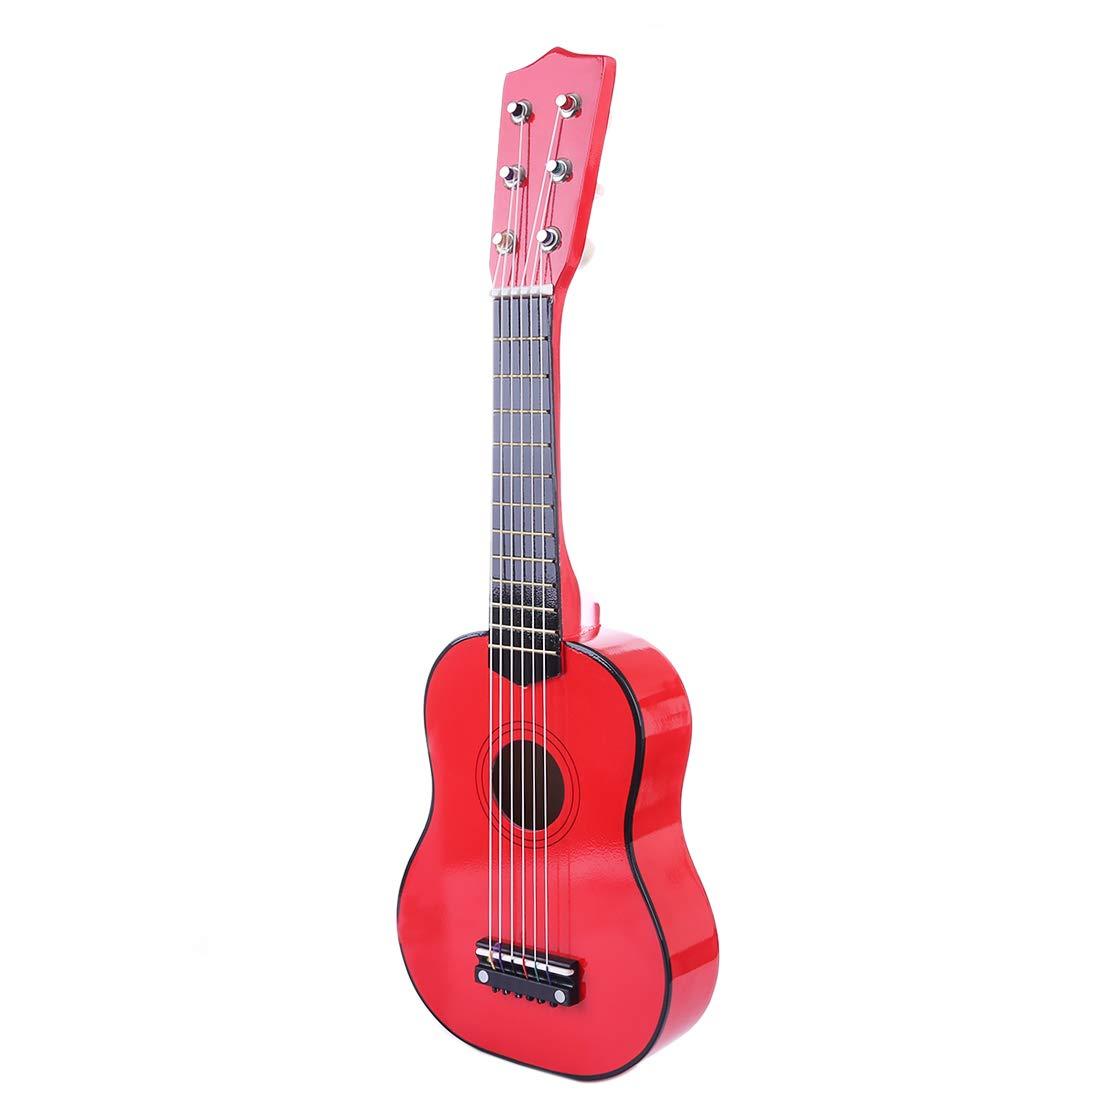 Foxom Kindergitarre, 21 Zoll 6 Saiten Holz Kinder Gitarre mit Plektrum Spielzeug Musikinstrument Pä dagogisches Spielzeug fü r Kinder Junge Mä dchen ab 3 Jahre